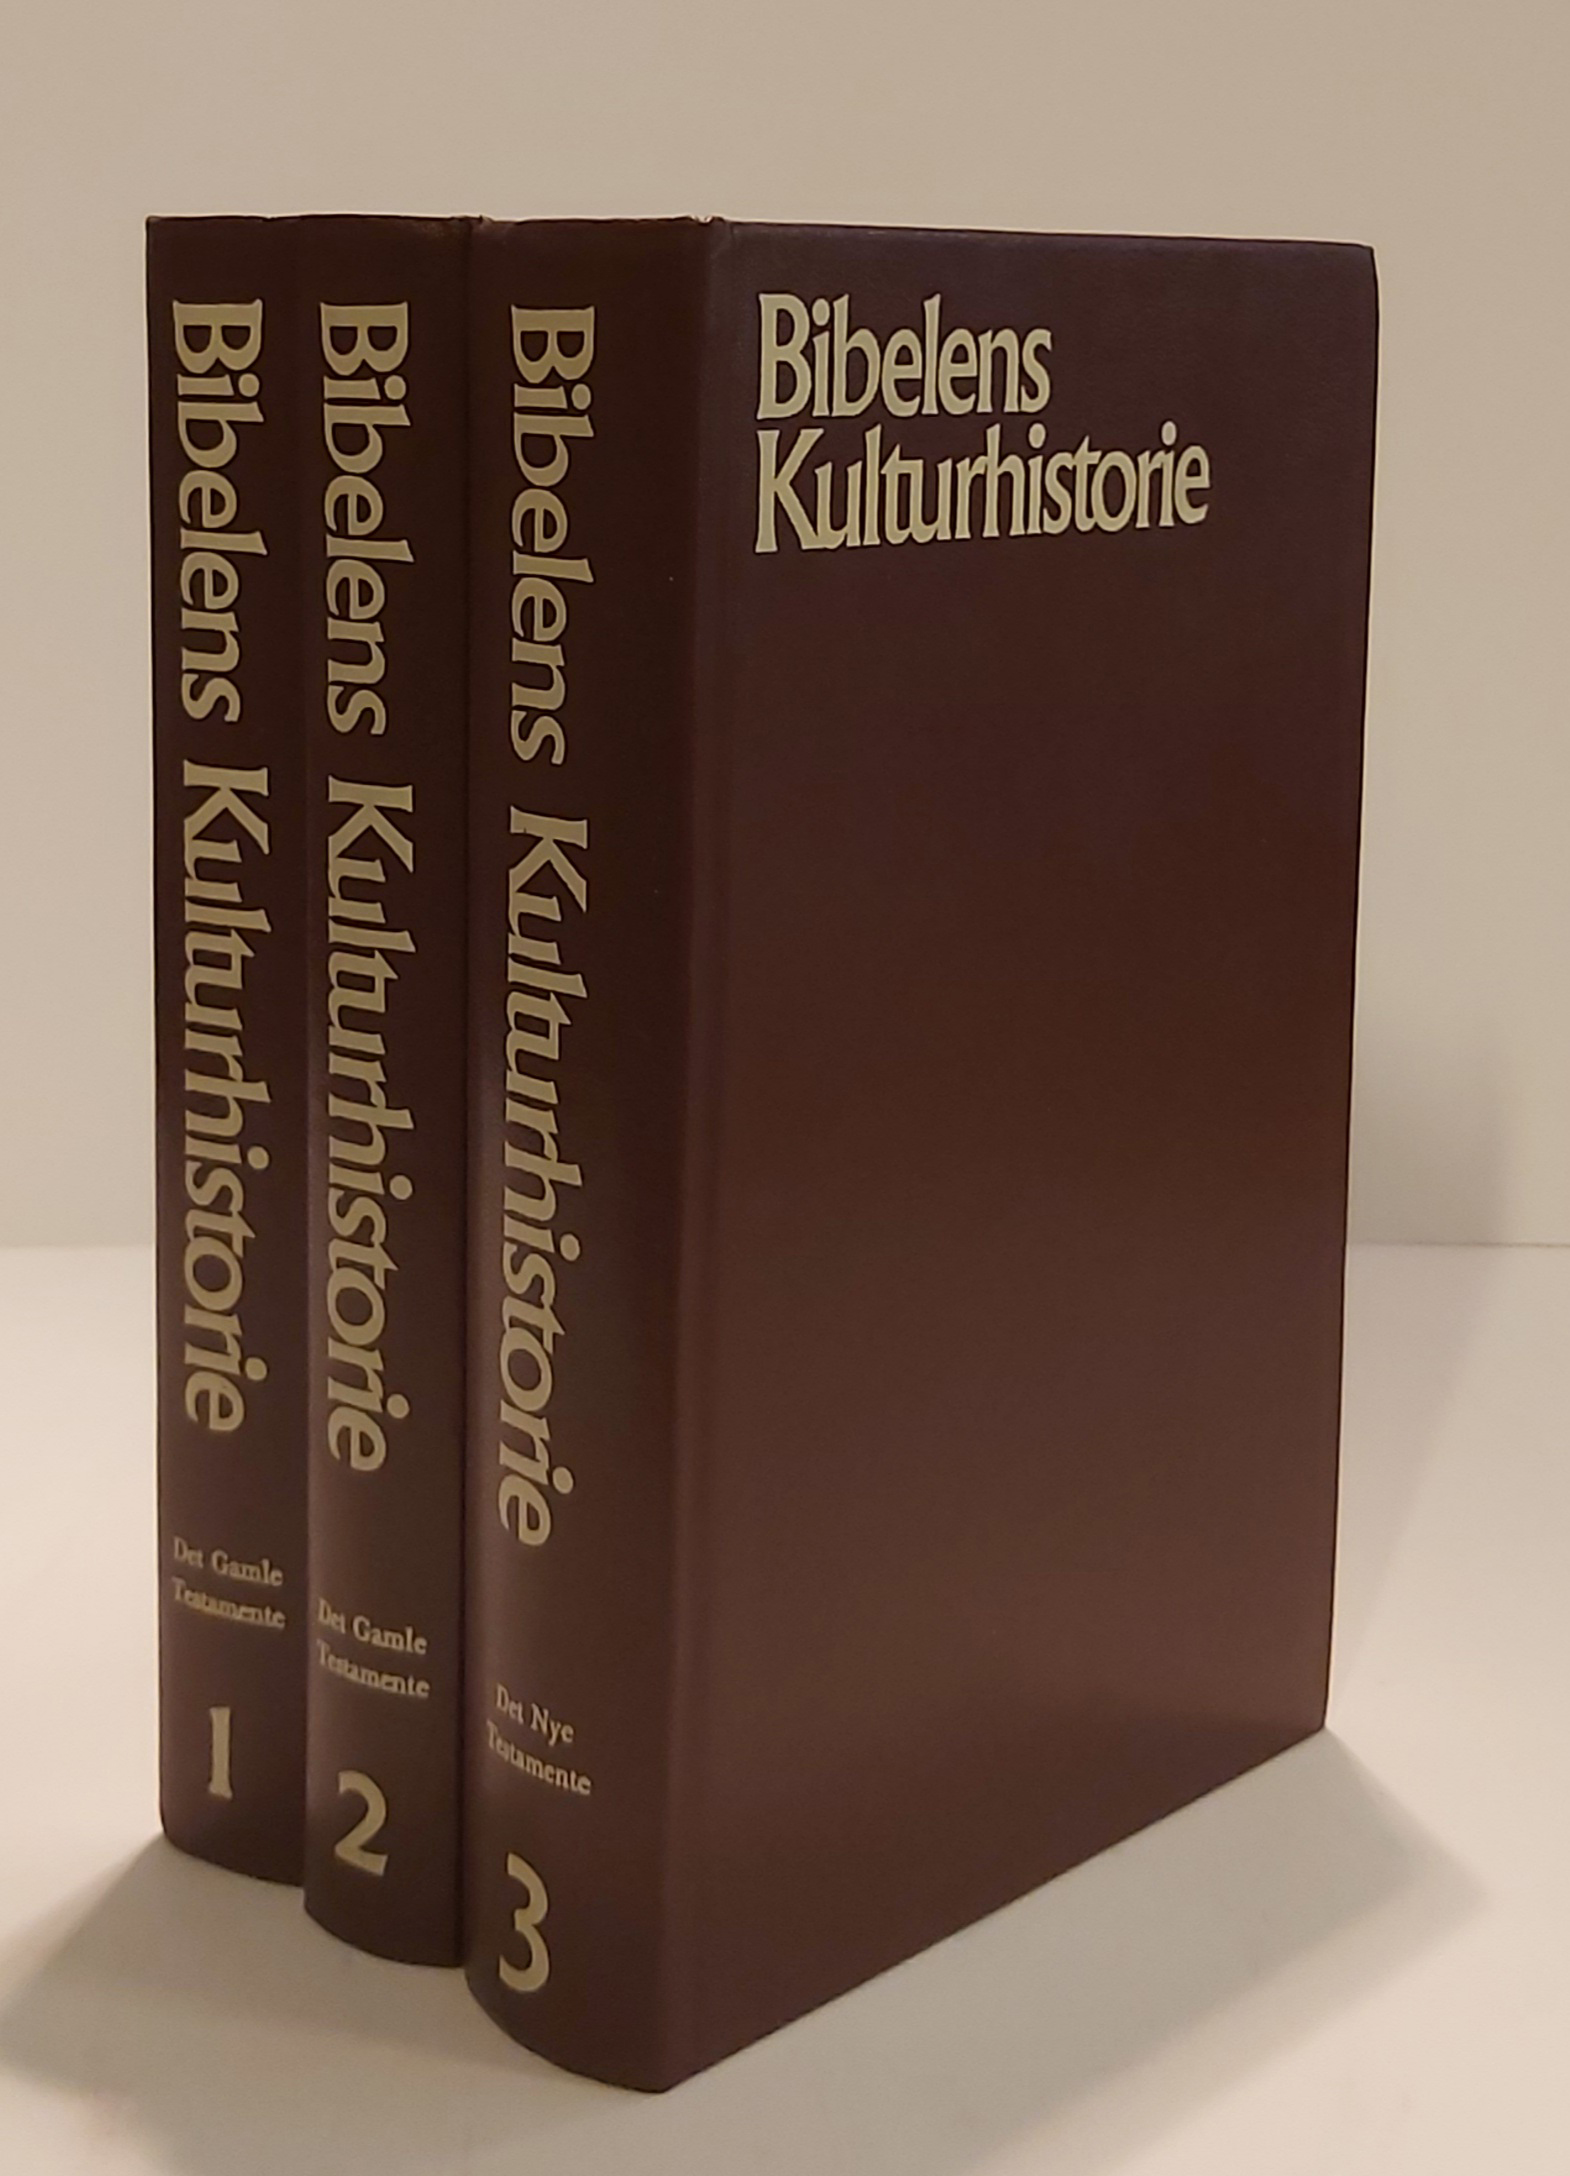 Bibelens kulturhistorie.